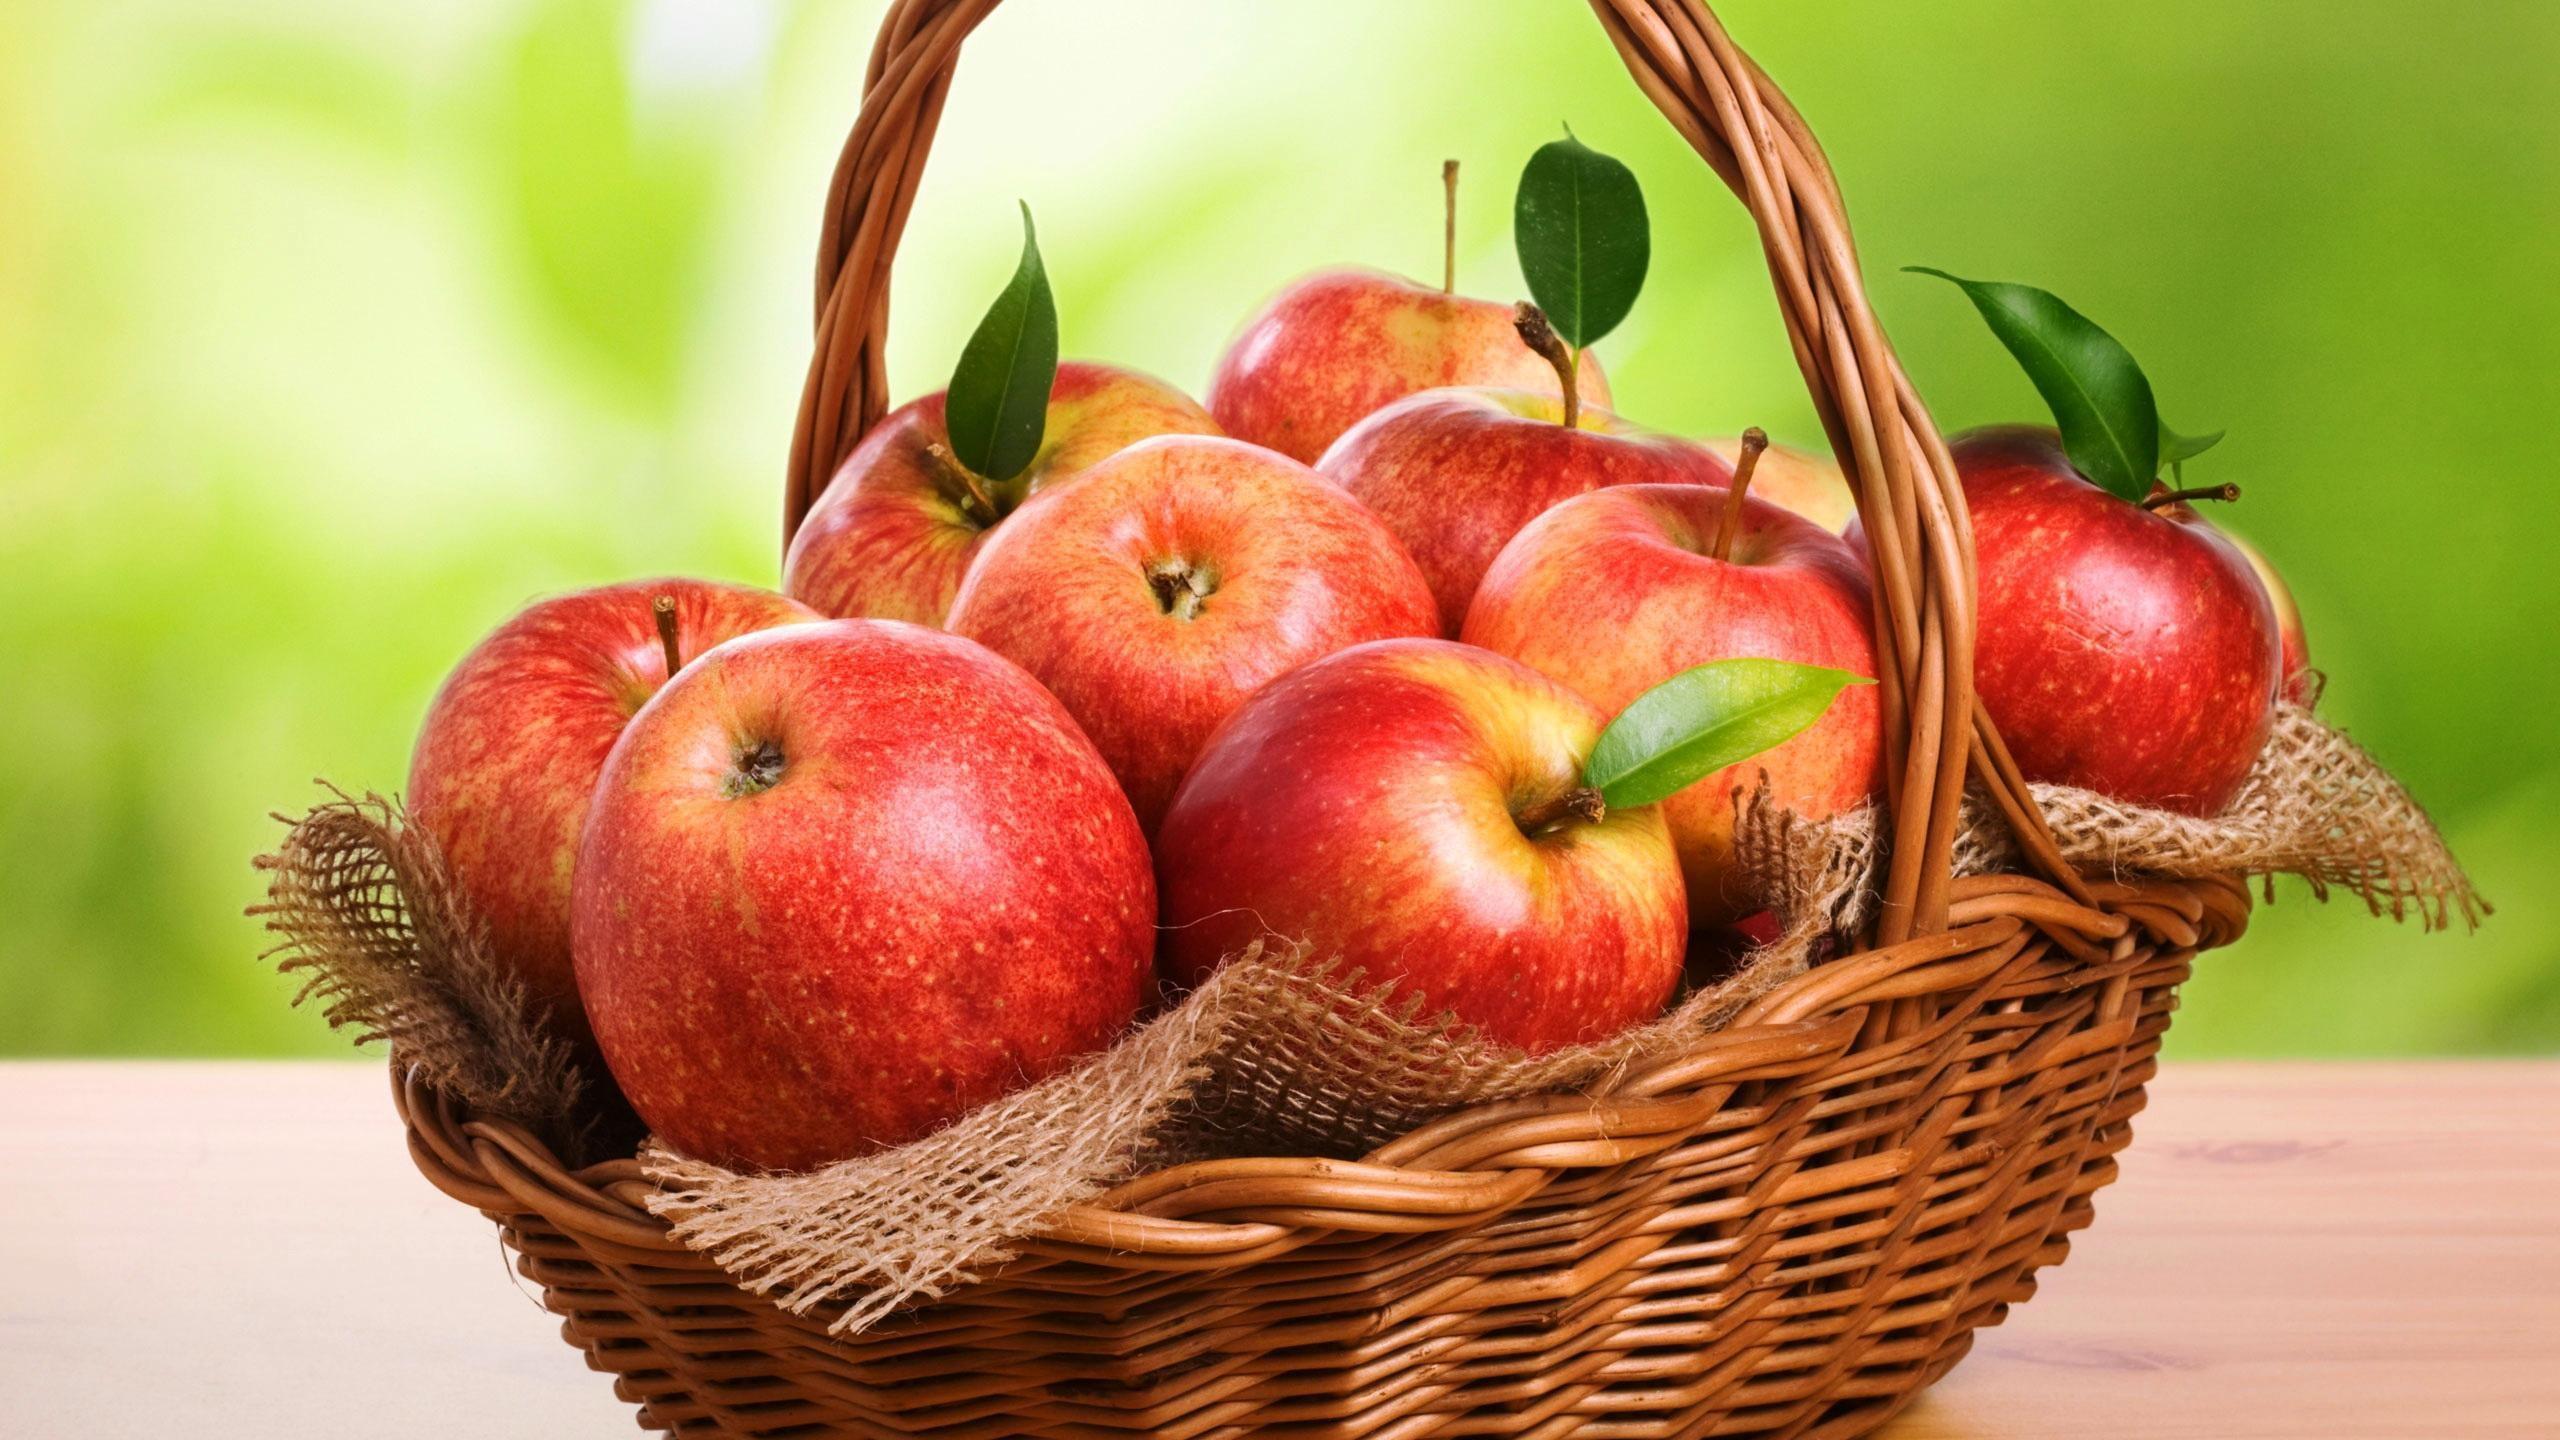 غسل التفاح بالماء لا يزيل المواد الكيماوية.. إليك الحل